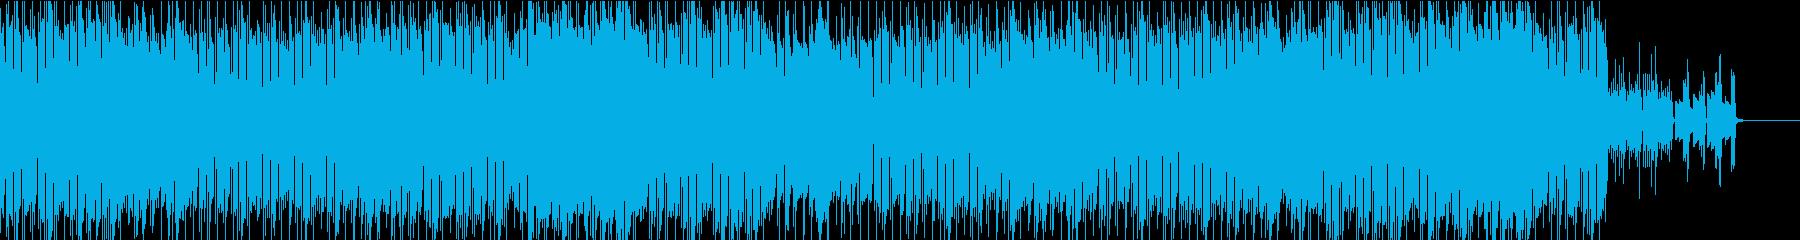 ふんわりと不思議な雰囲気の再生済みの波形